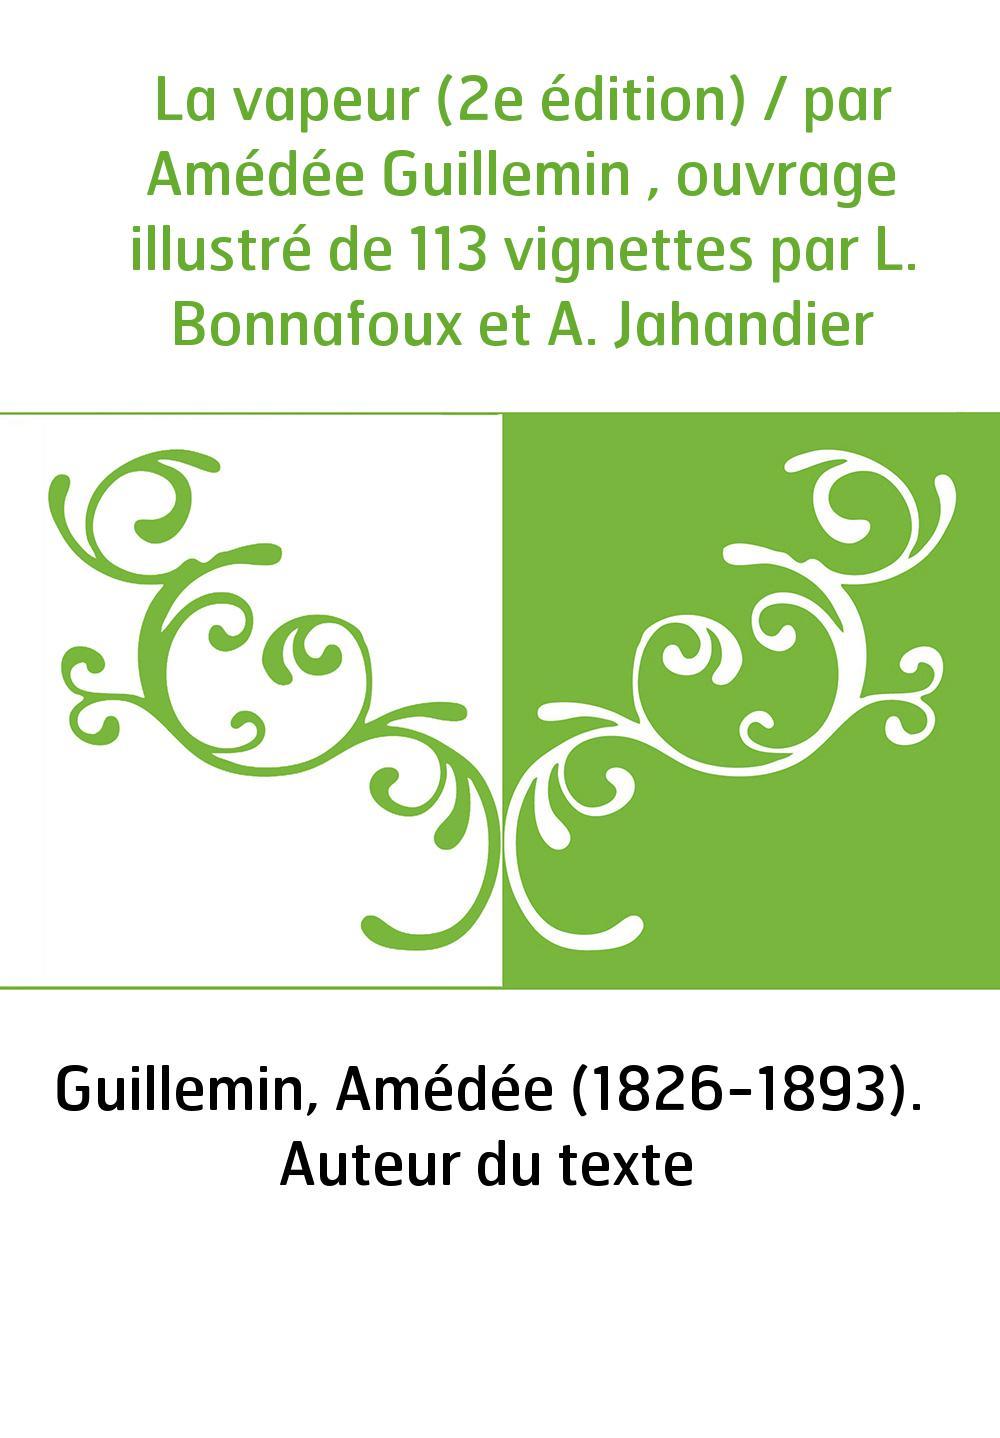 La vapeur (2e édition) / par Amédée Guillemin , ouvrage illustré de 113 vignettes par L. Bonnafoux et A. Jahandier